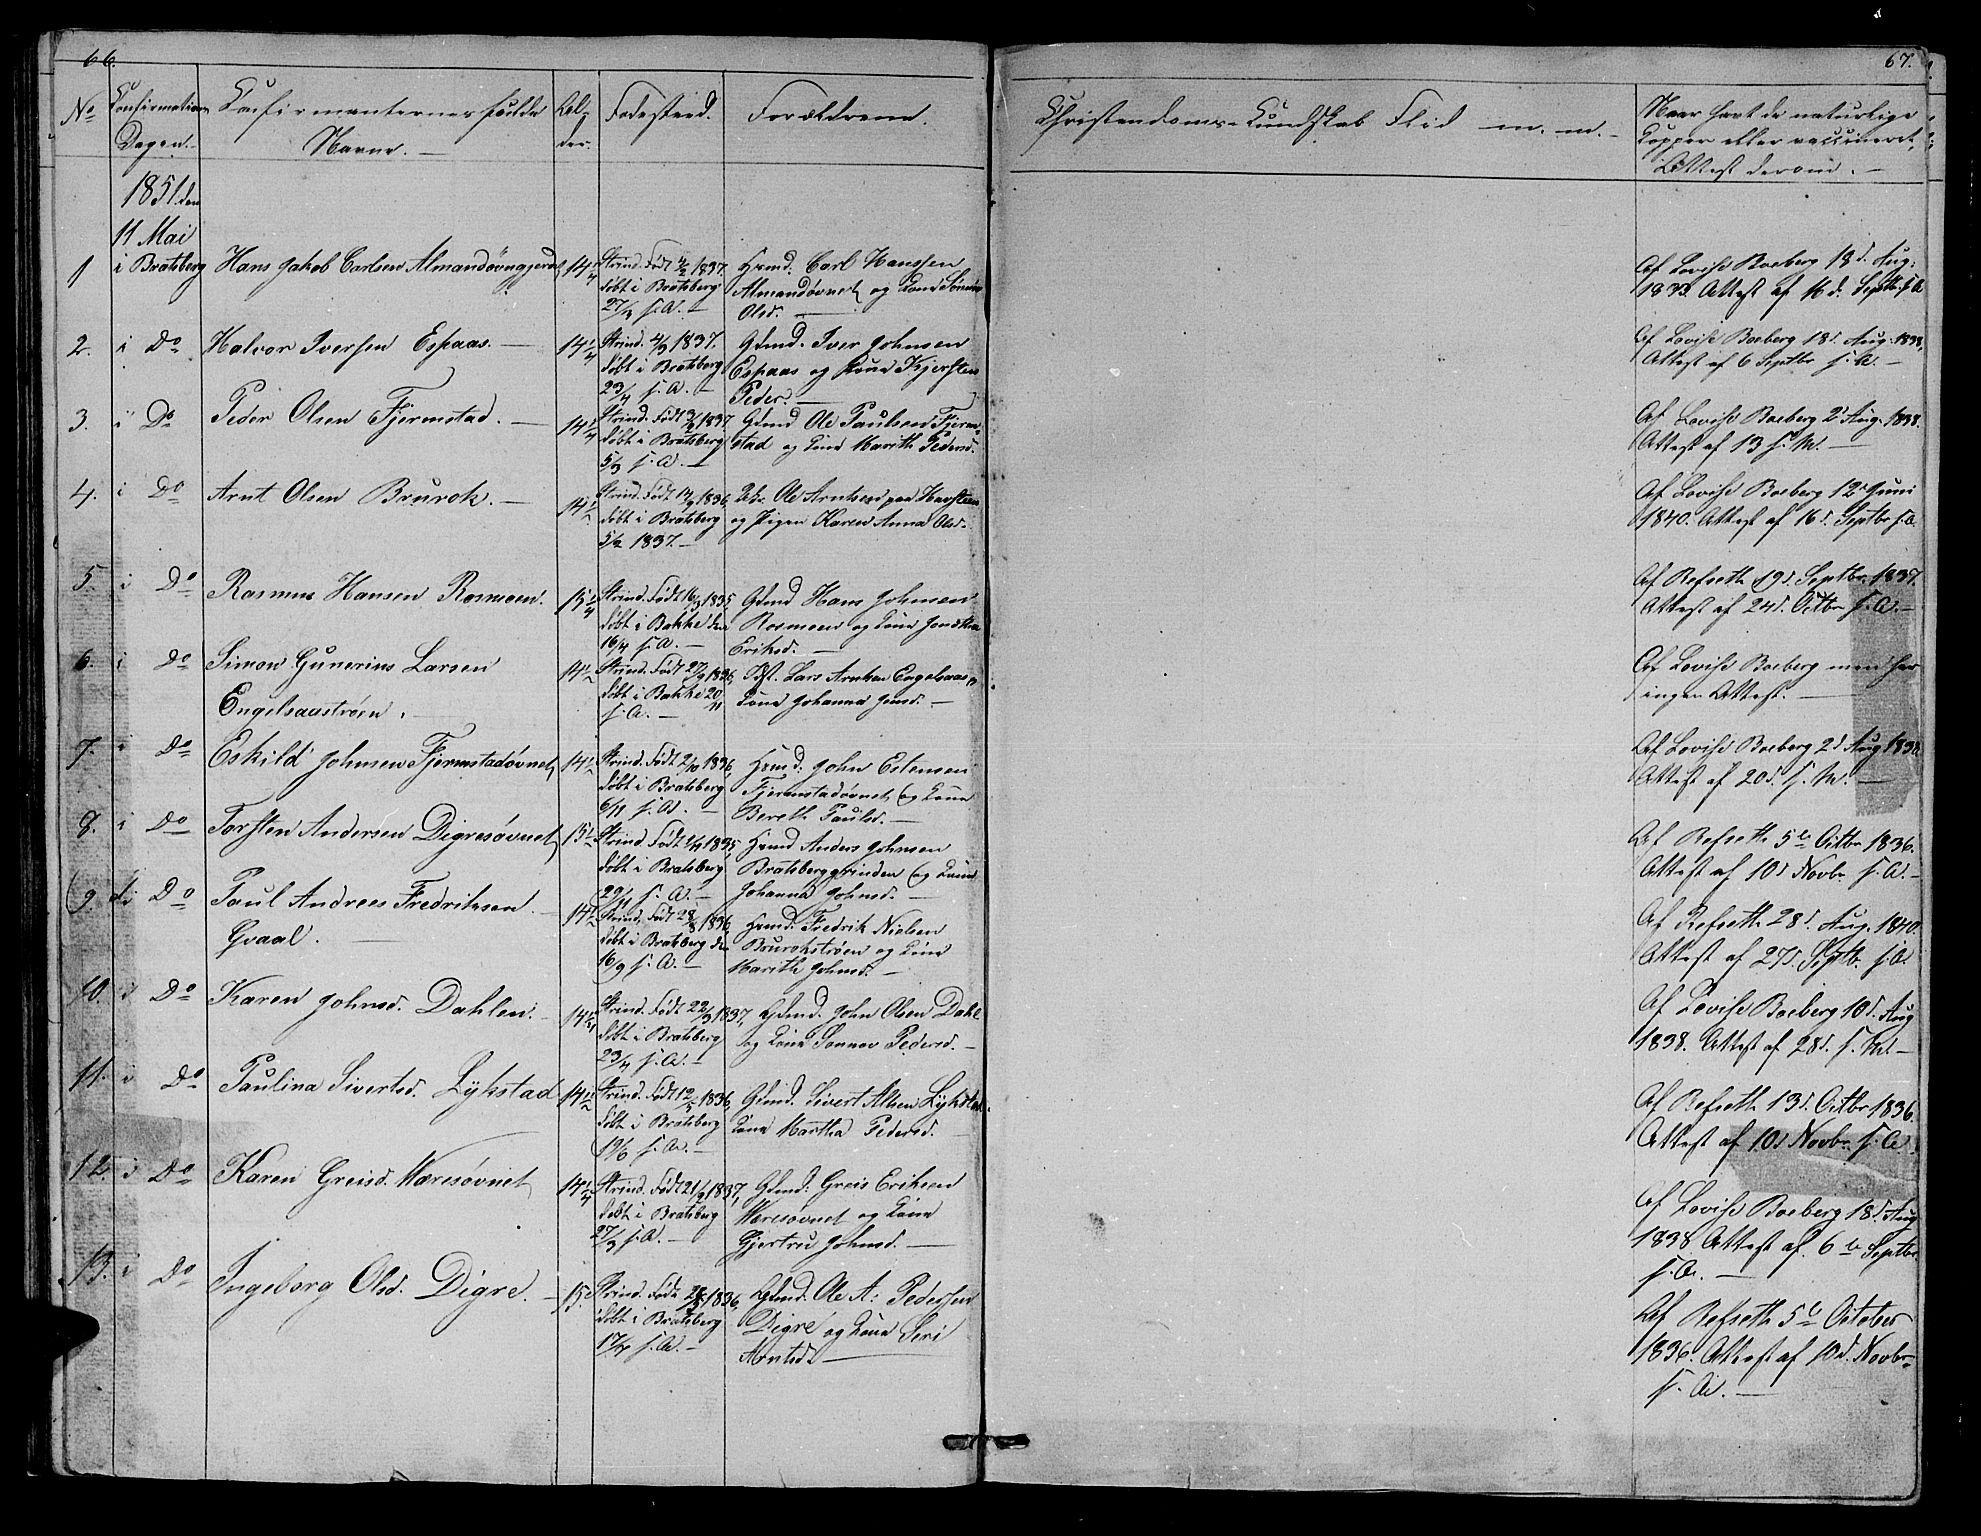 SAT, Ministerialprotokoller, klokkerbøker og fødselsregistre - Sør-Trøndelag, 608/L0339: Klokkerbok nr. 608C05, 1844-1863, s. 66-67